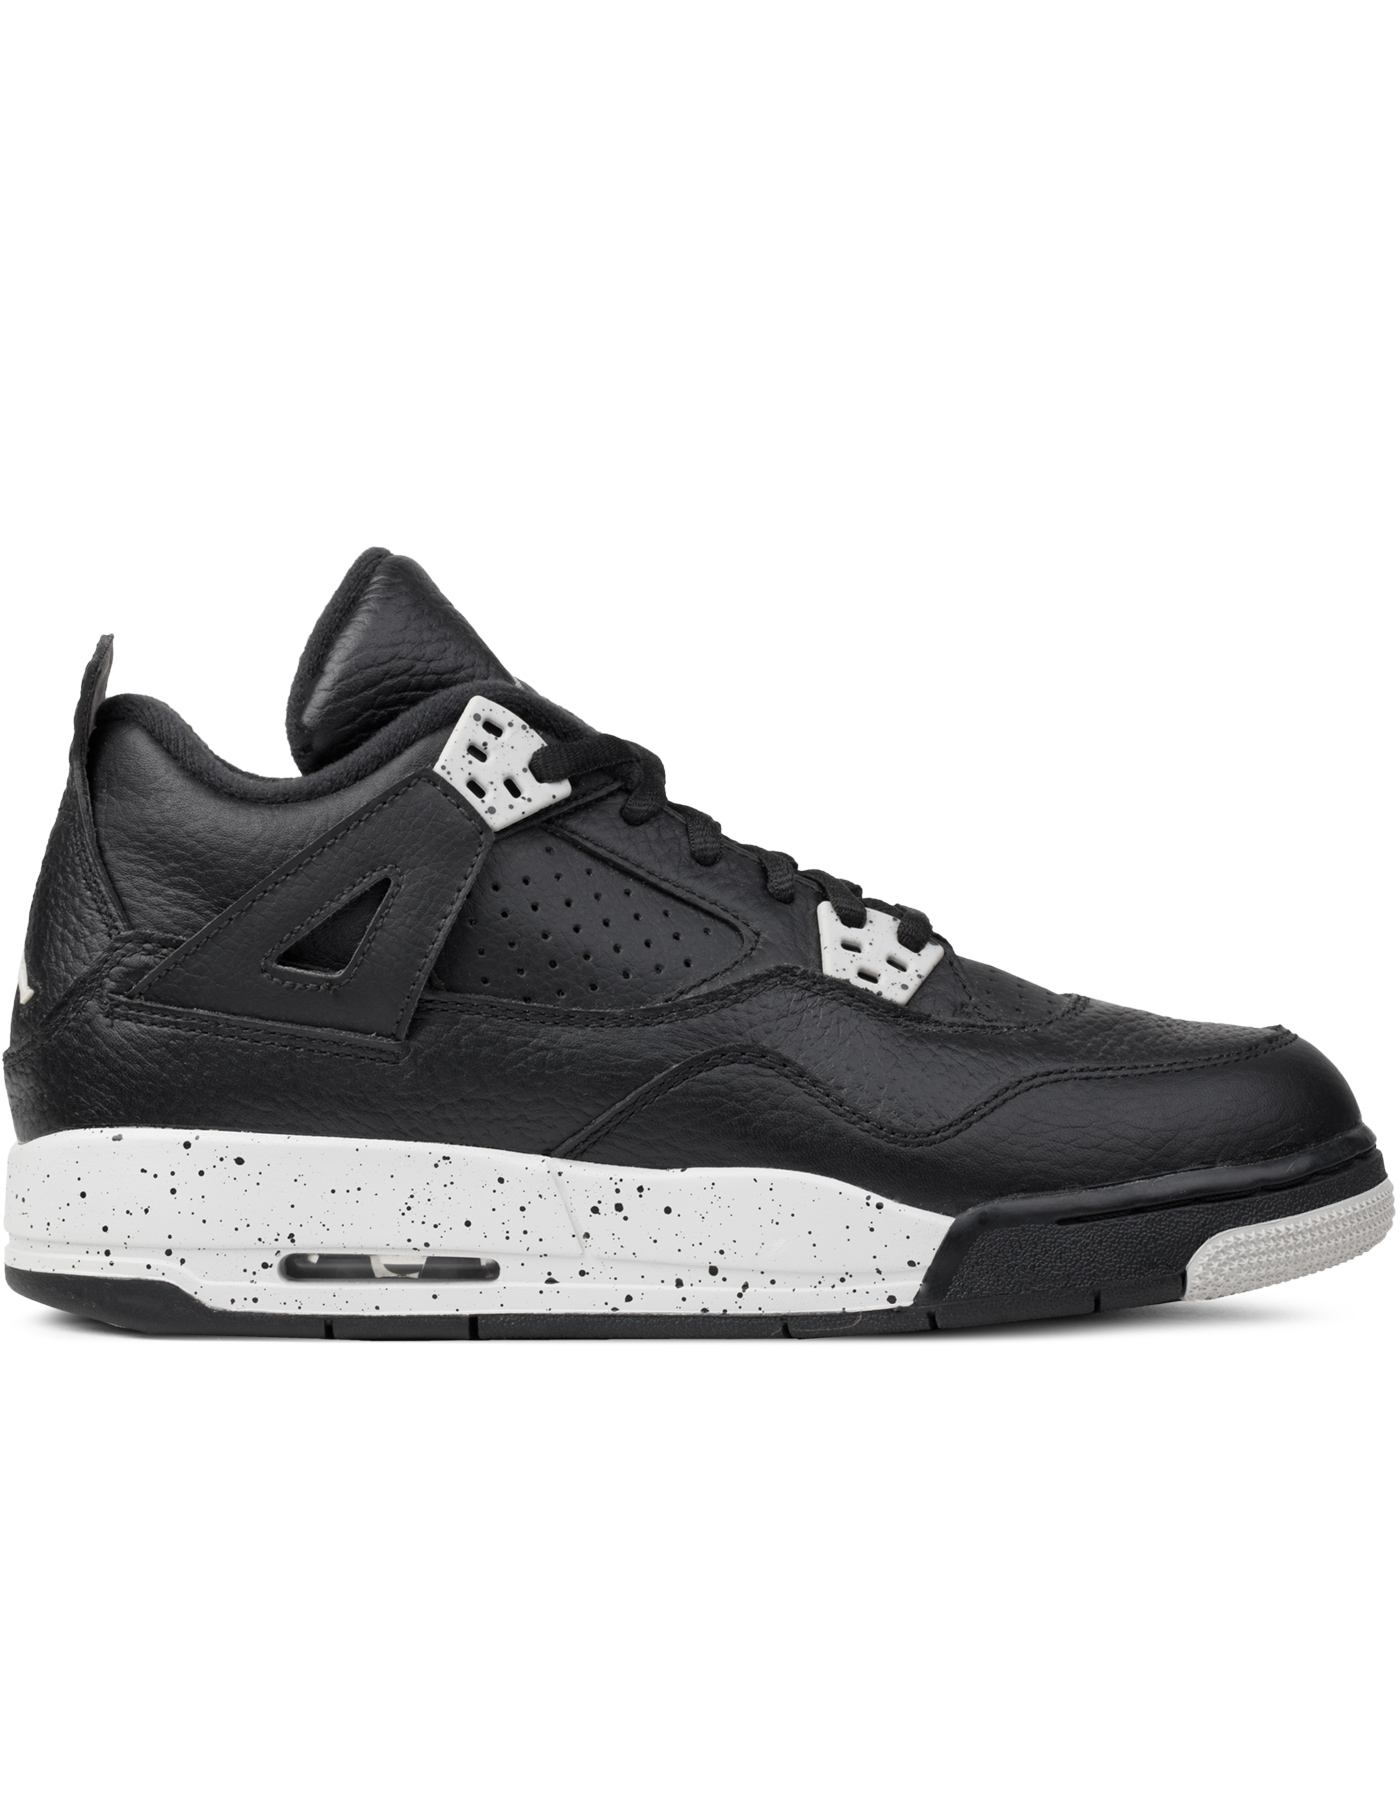 """Jordan Brand Air Jordan 4 """"Oreo"""" GS"""